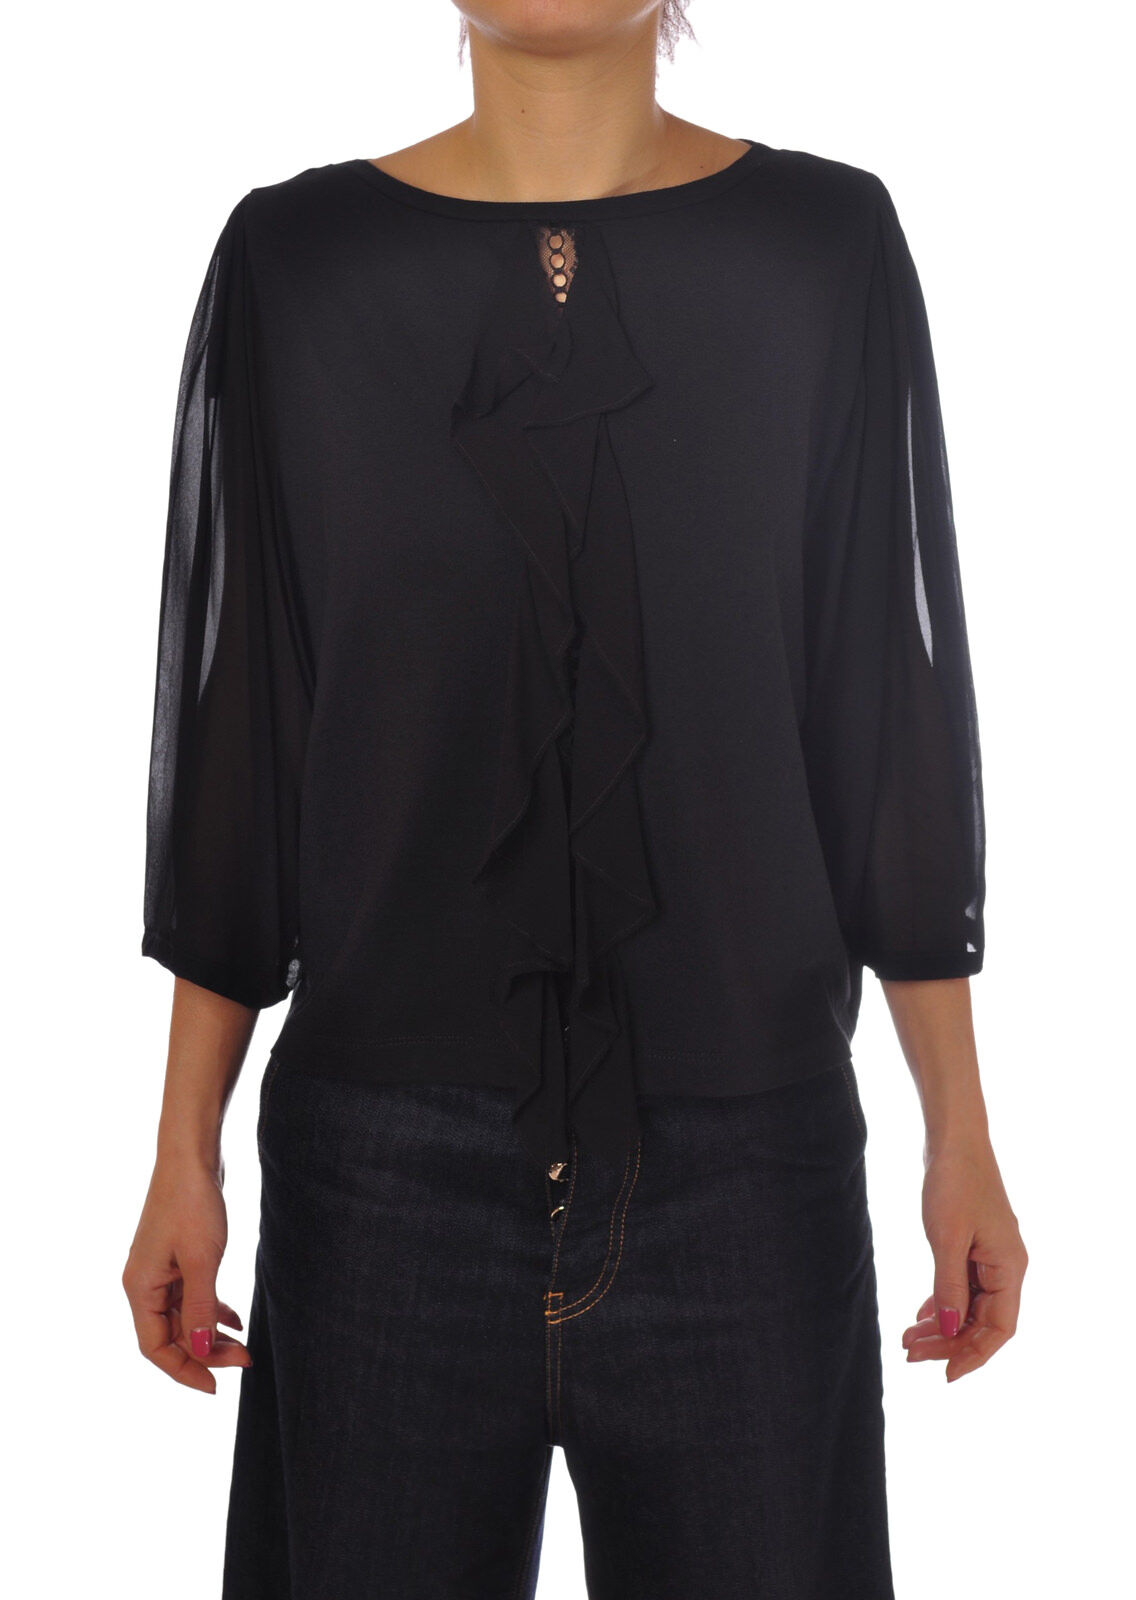 Twin Set - Shirts-Blouses - Woman - schwarz - 5107231G184351